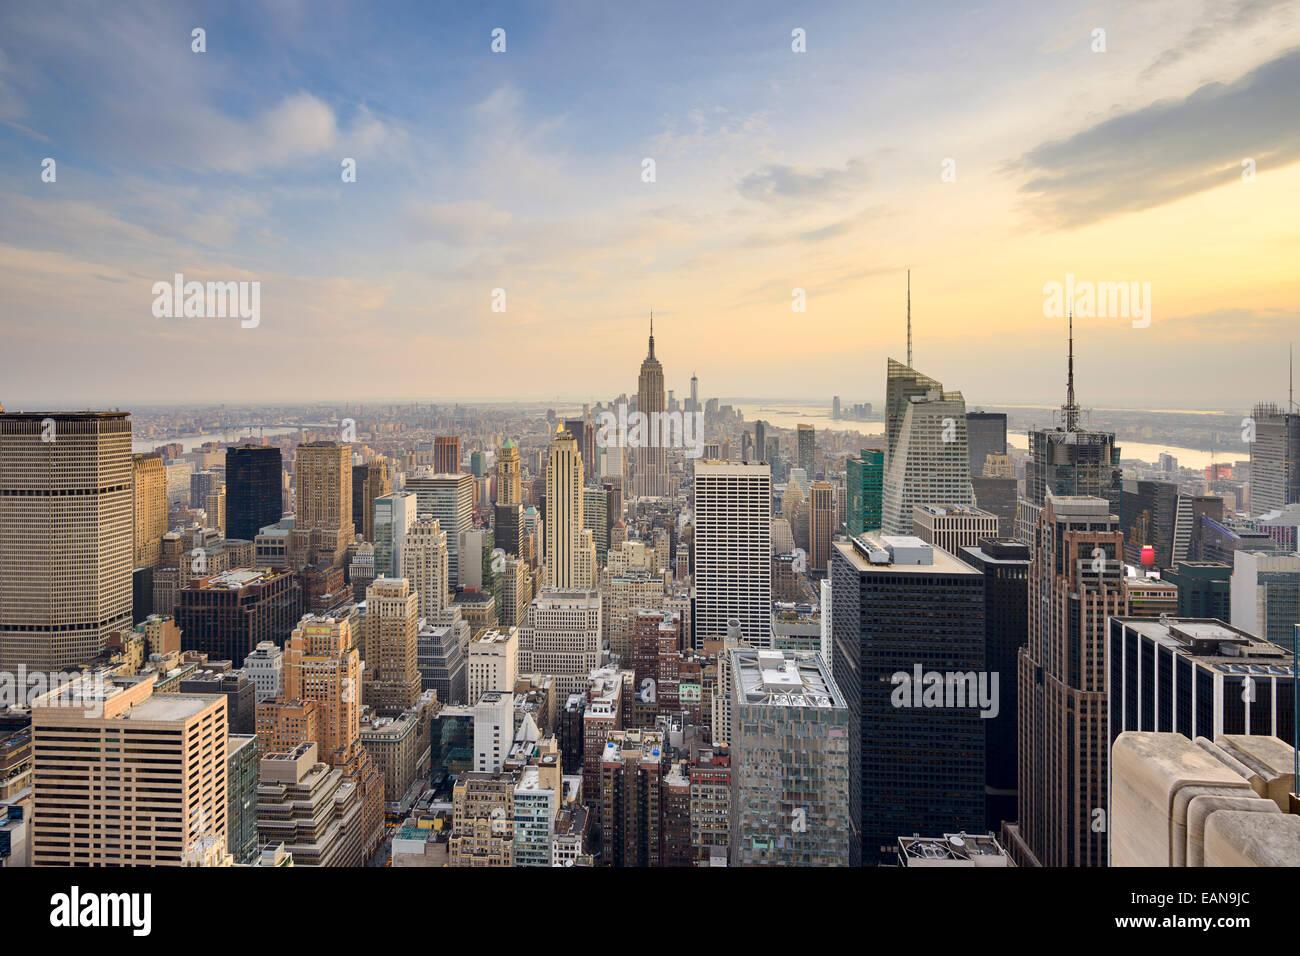 La Ciudad de Nueva York, EE.UU., el horizonte de la ciudad de Midtown Manhattan. Imagen De Stock